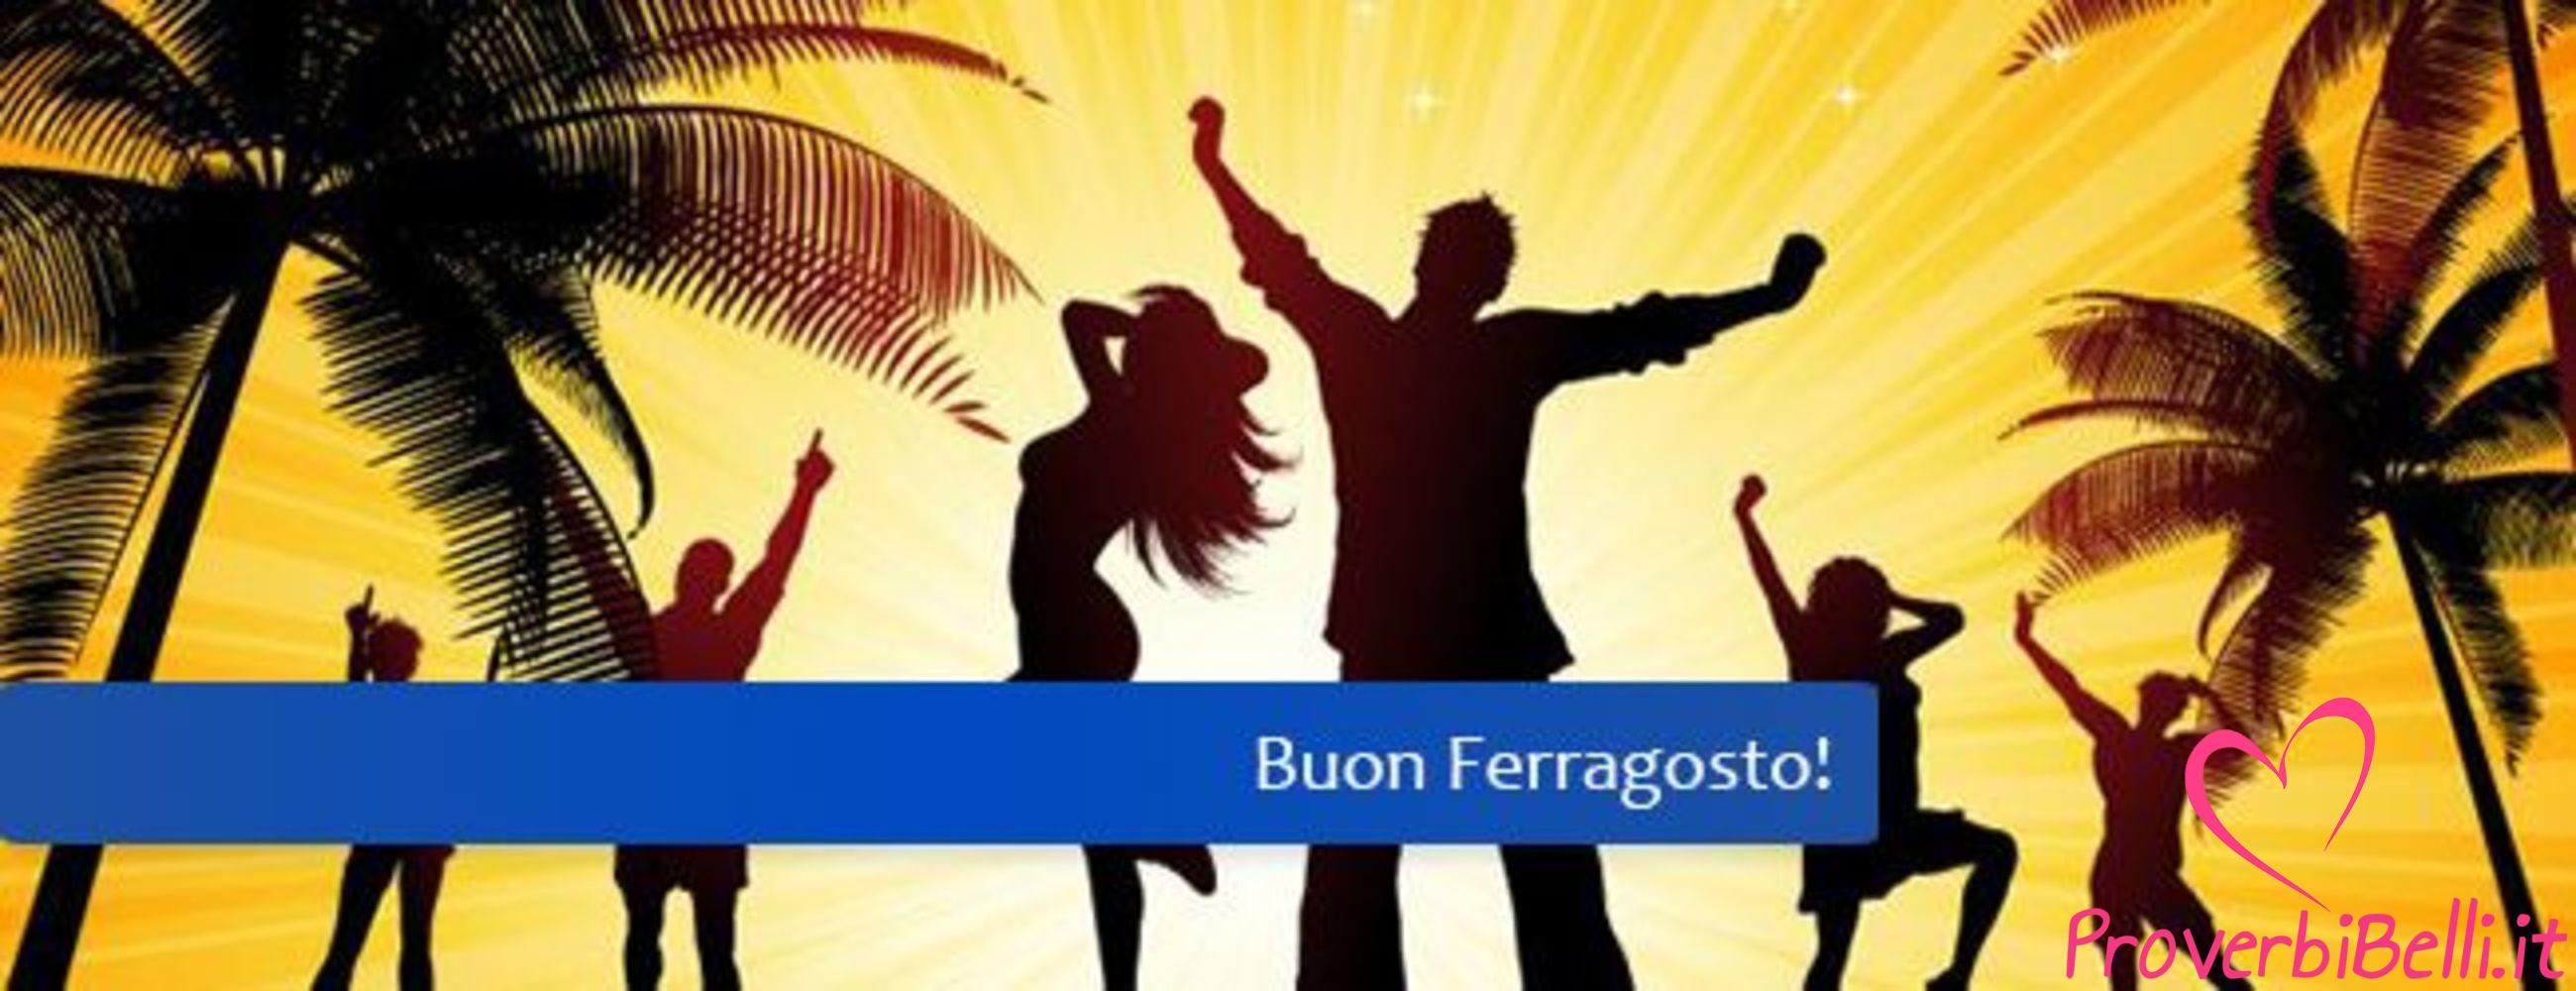 Buon-Ferragosto-Immagini-Belle-10